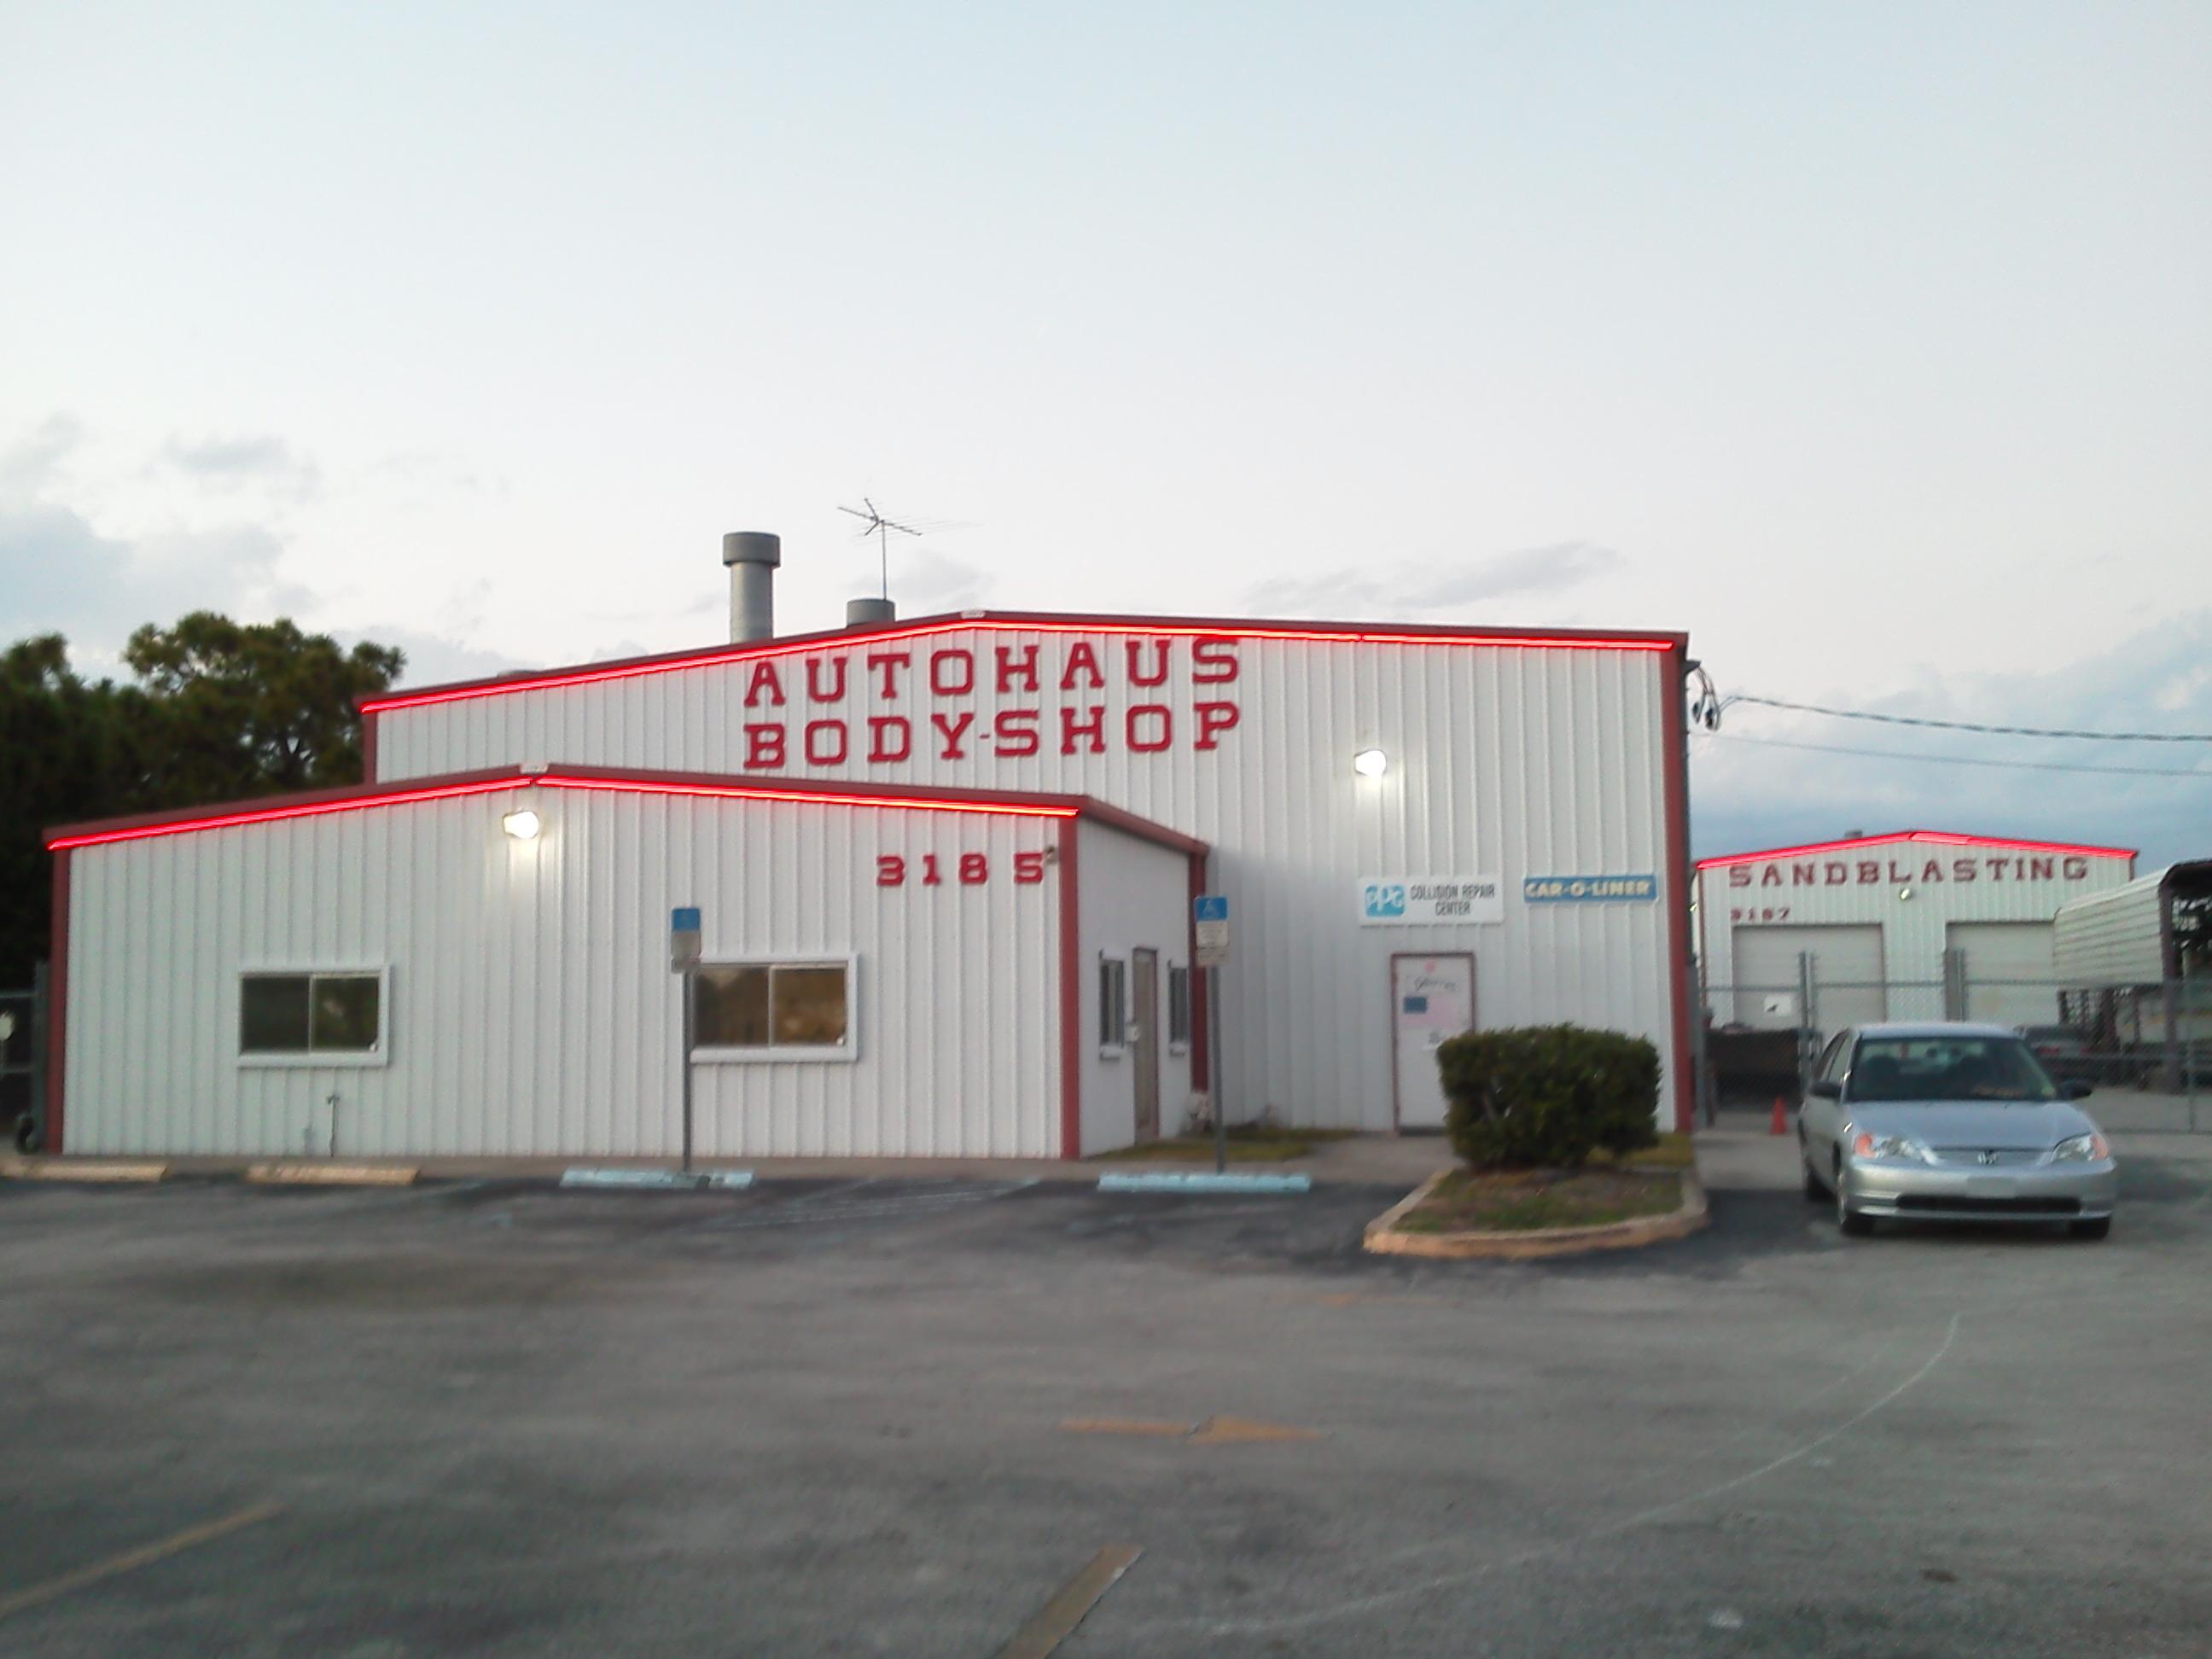 Autohaus Body Shop image 2